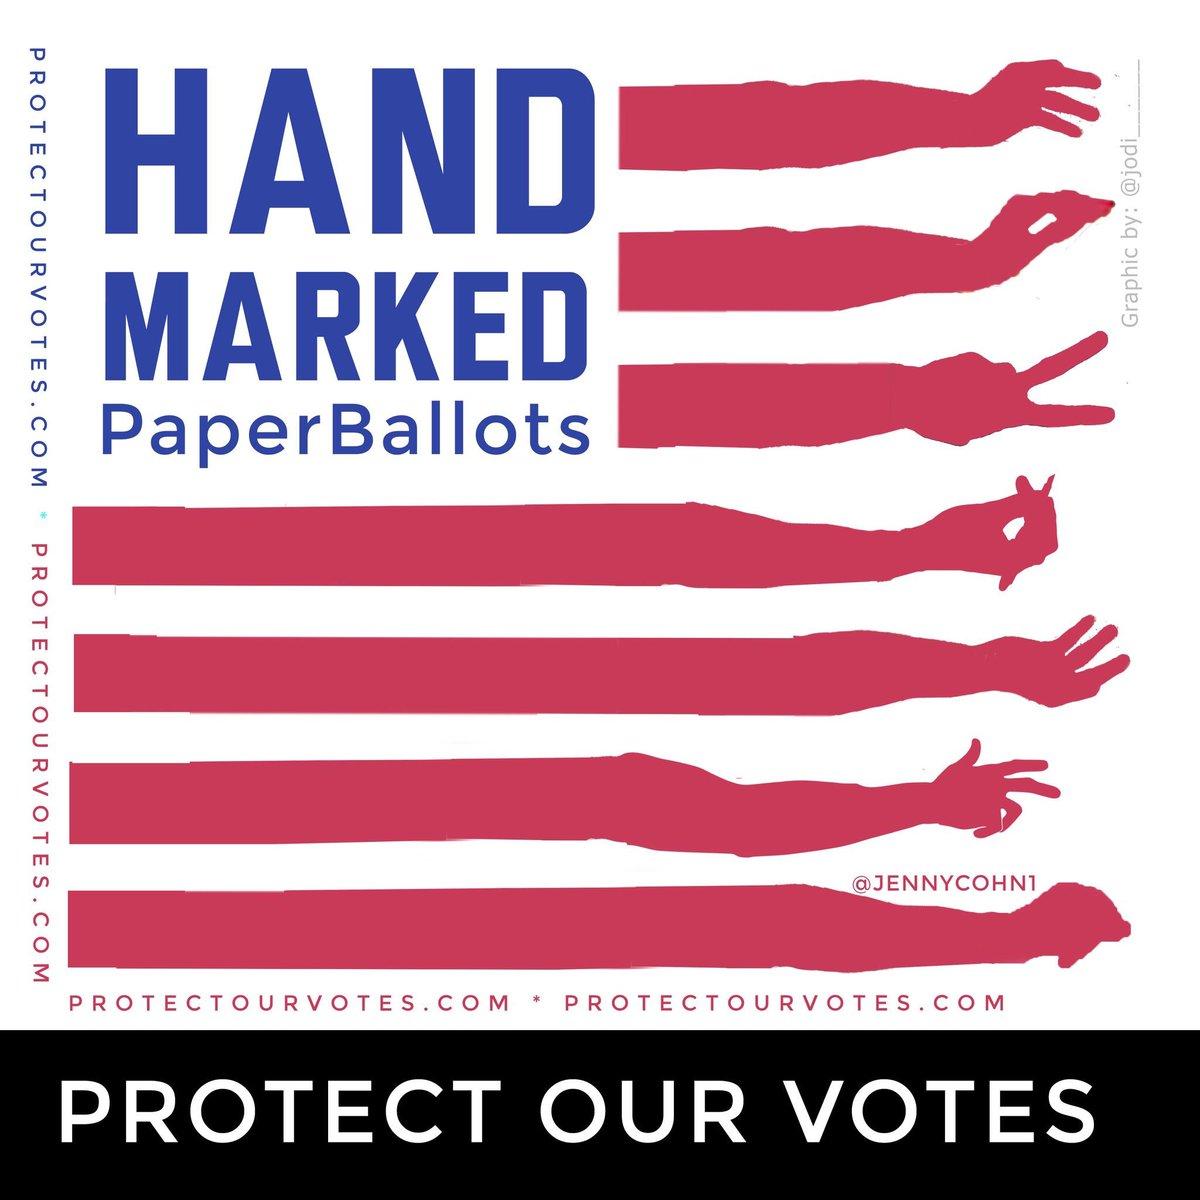 #HandMarkedPaperBallots 10/